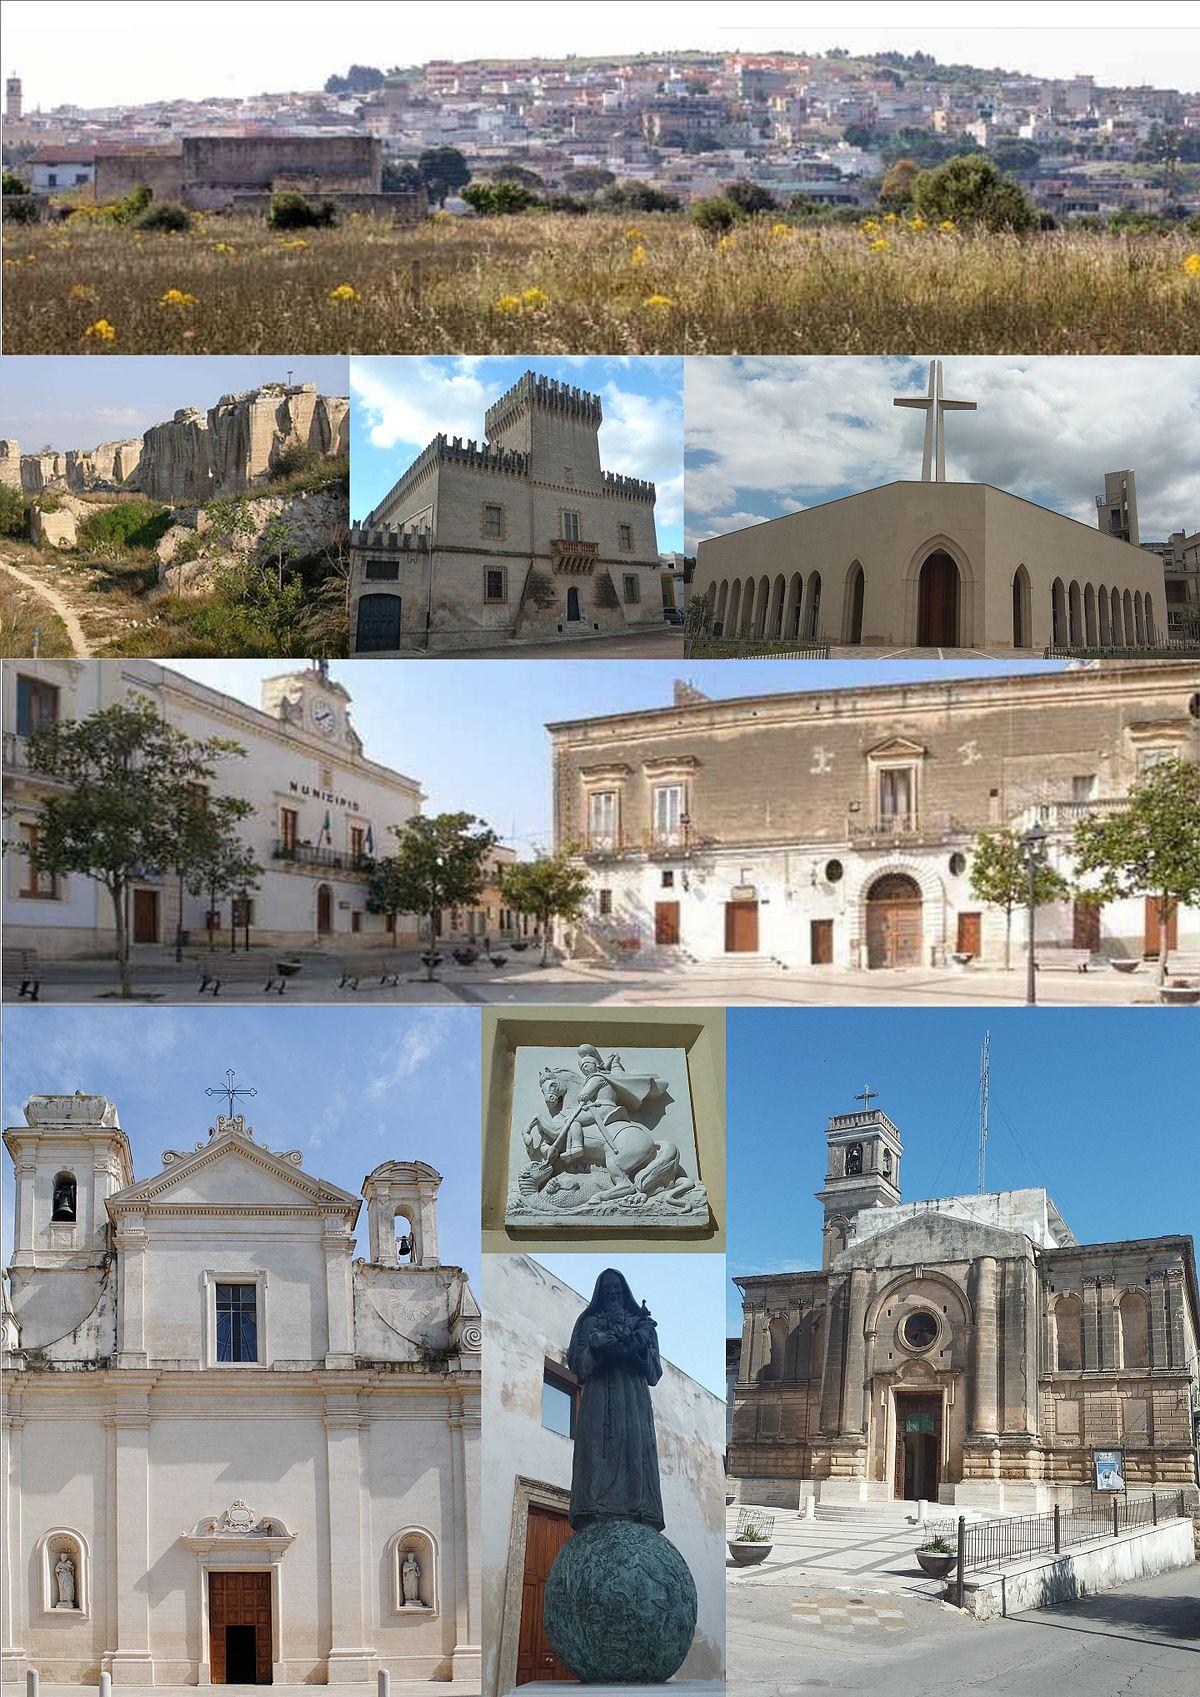 San giorgio ionico wikipedia for Arco arredamenti san giorgio